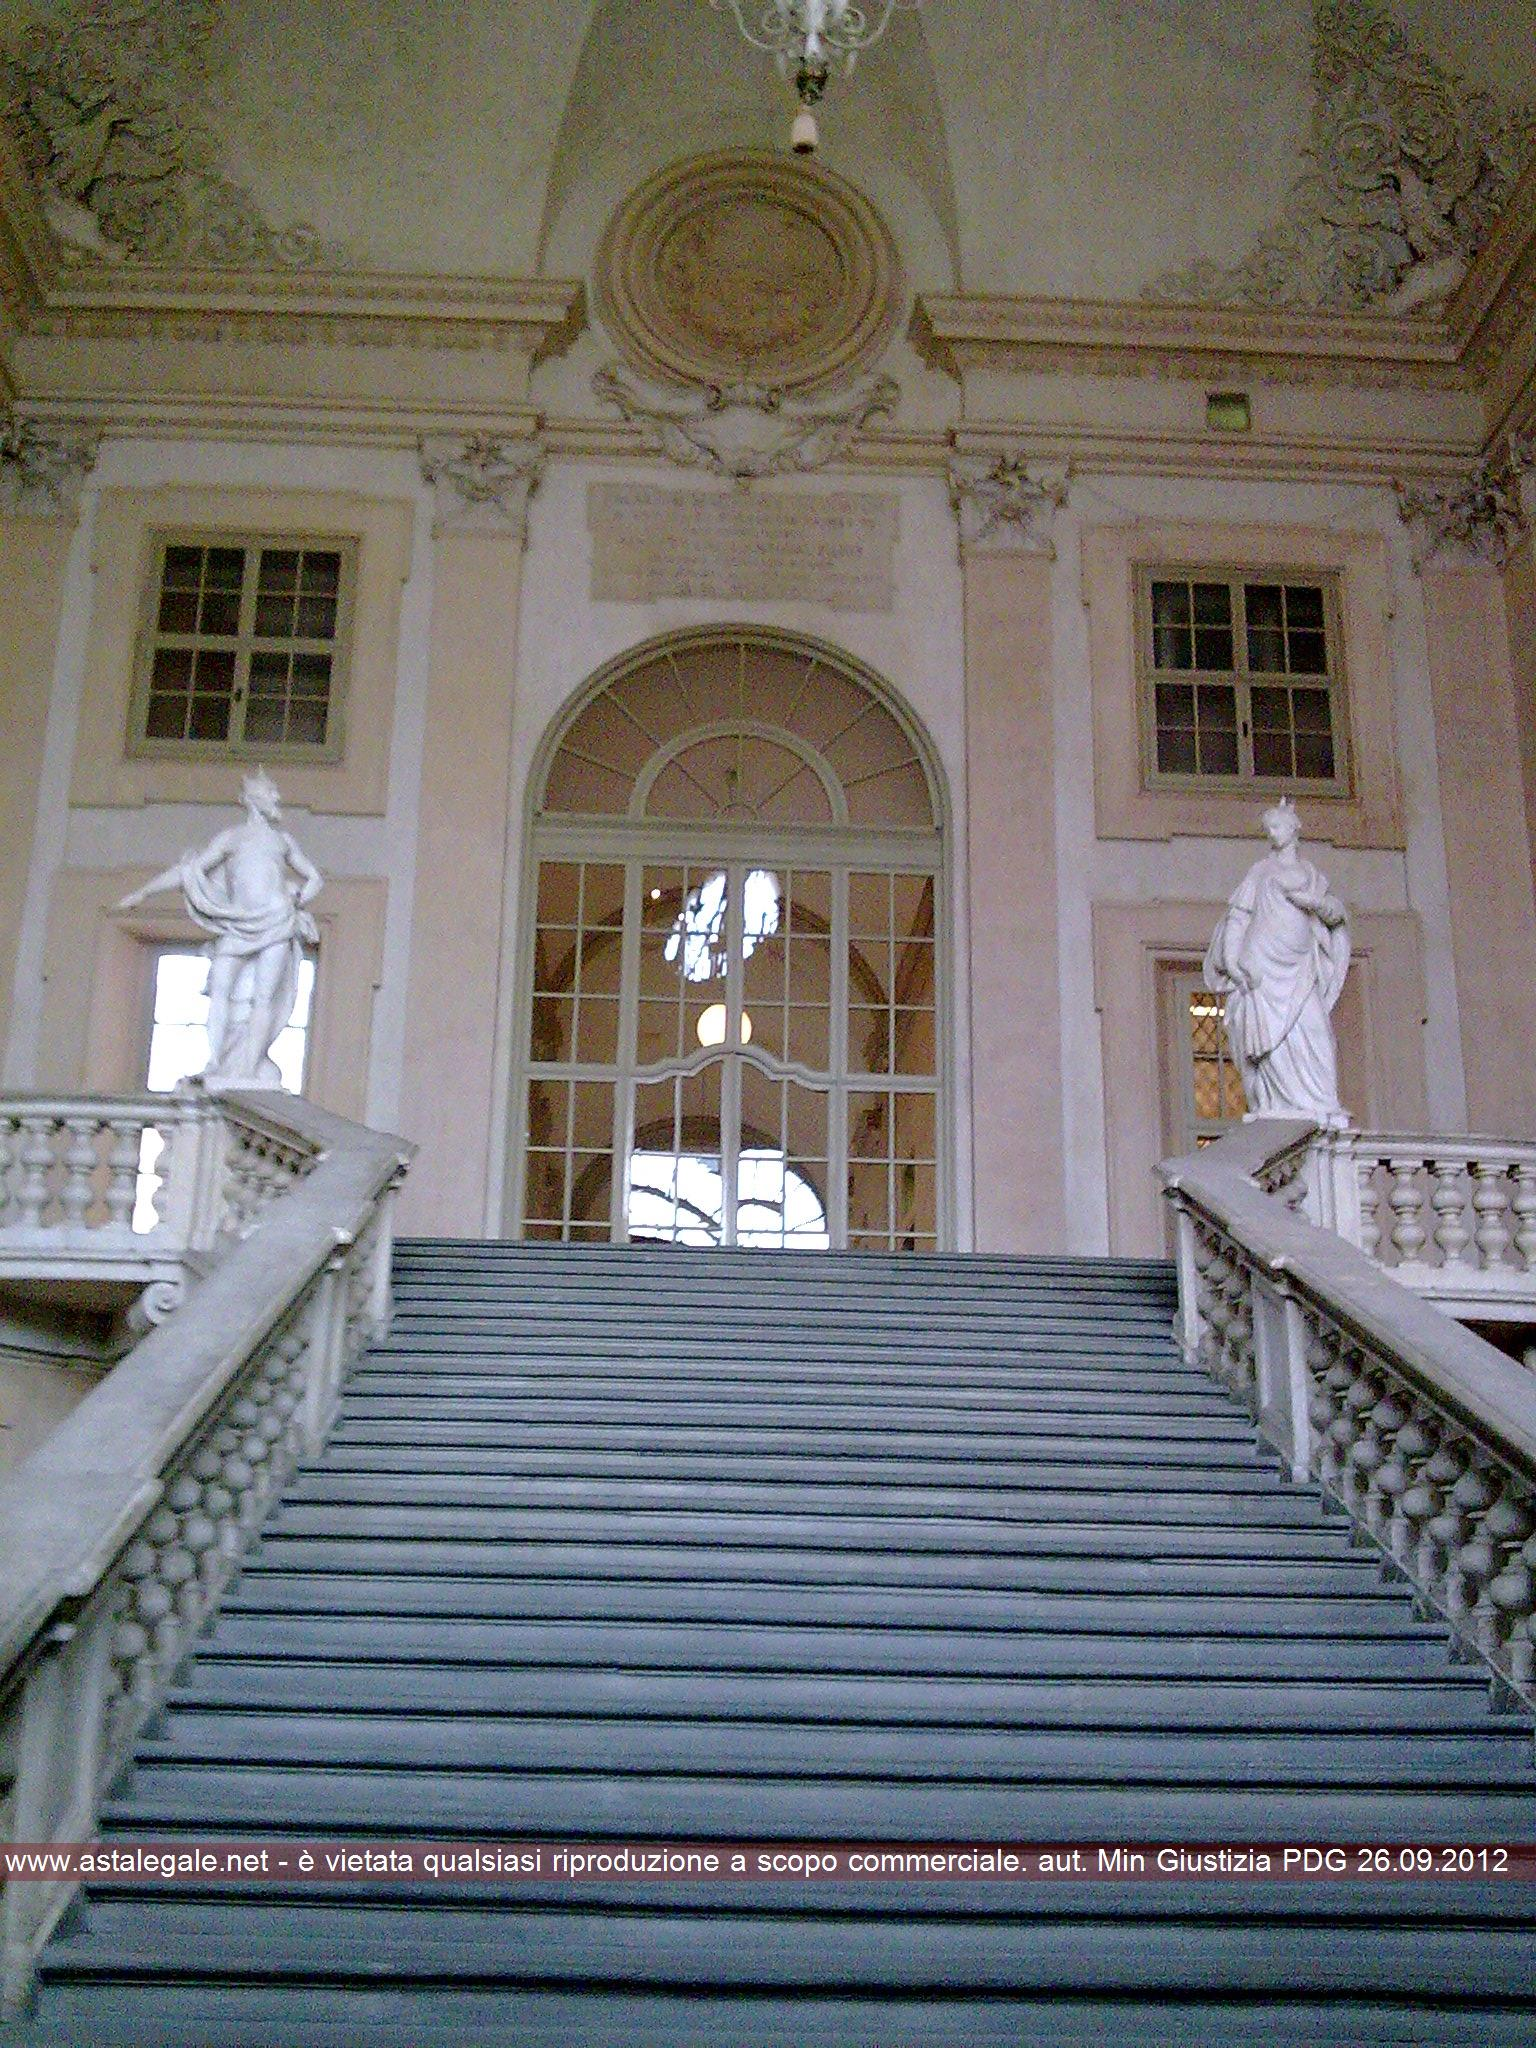 Anteprima foto Ingresso della Corte d'Appello di Bologna